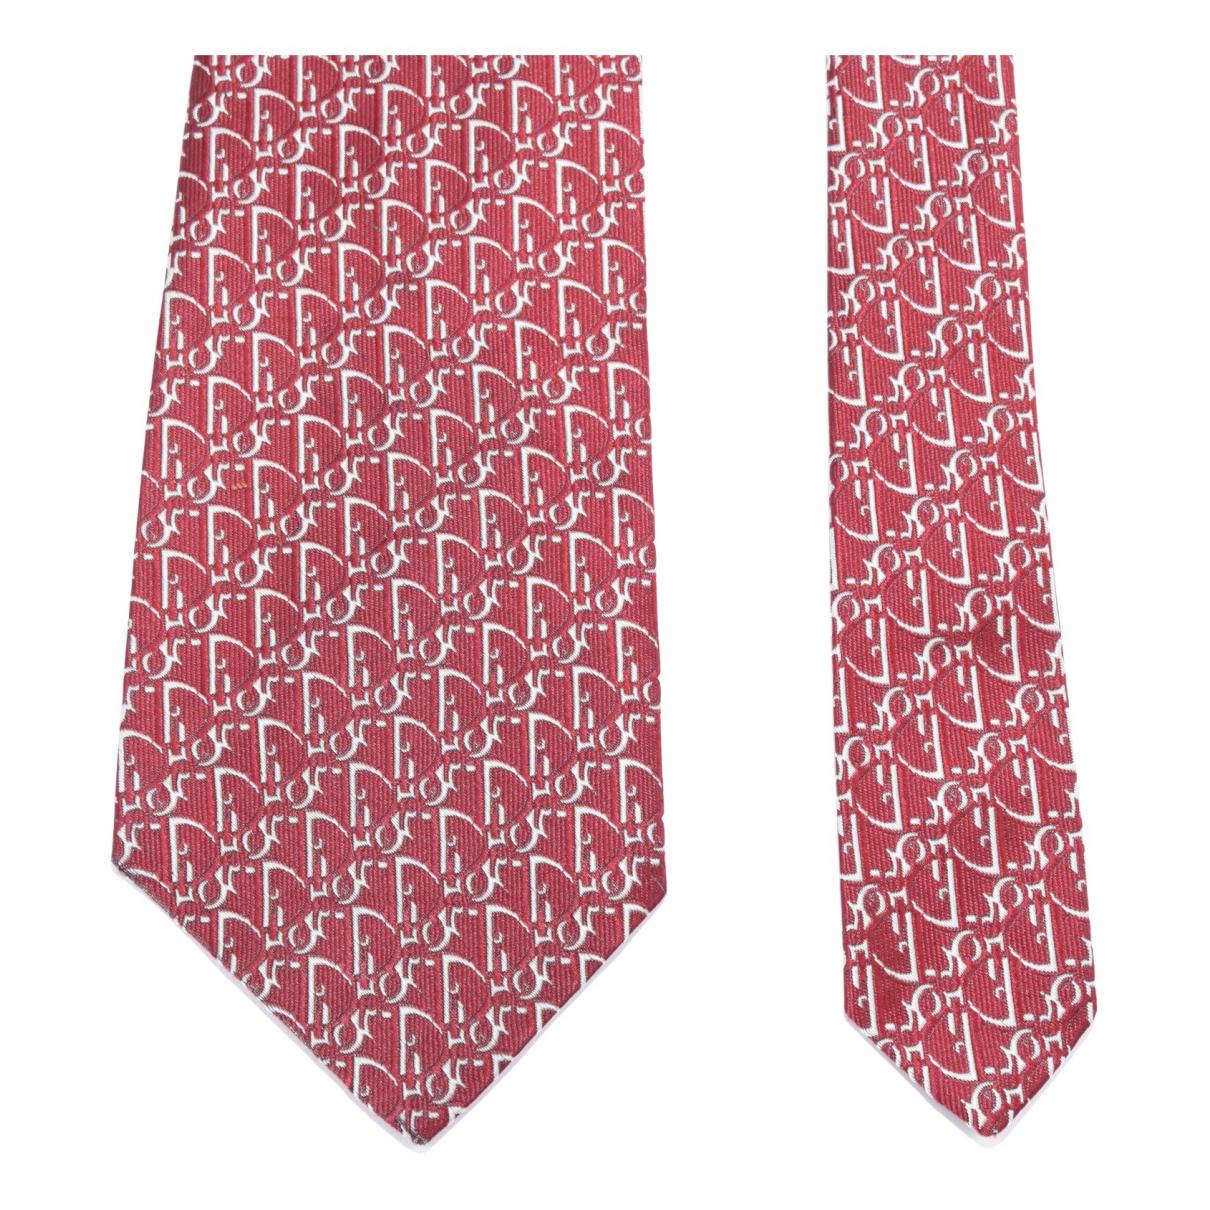 Dior Homme - Cravates   pour homme en soie - bordeaux